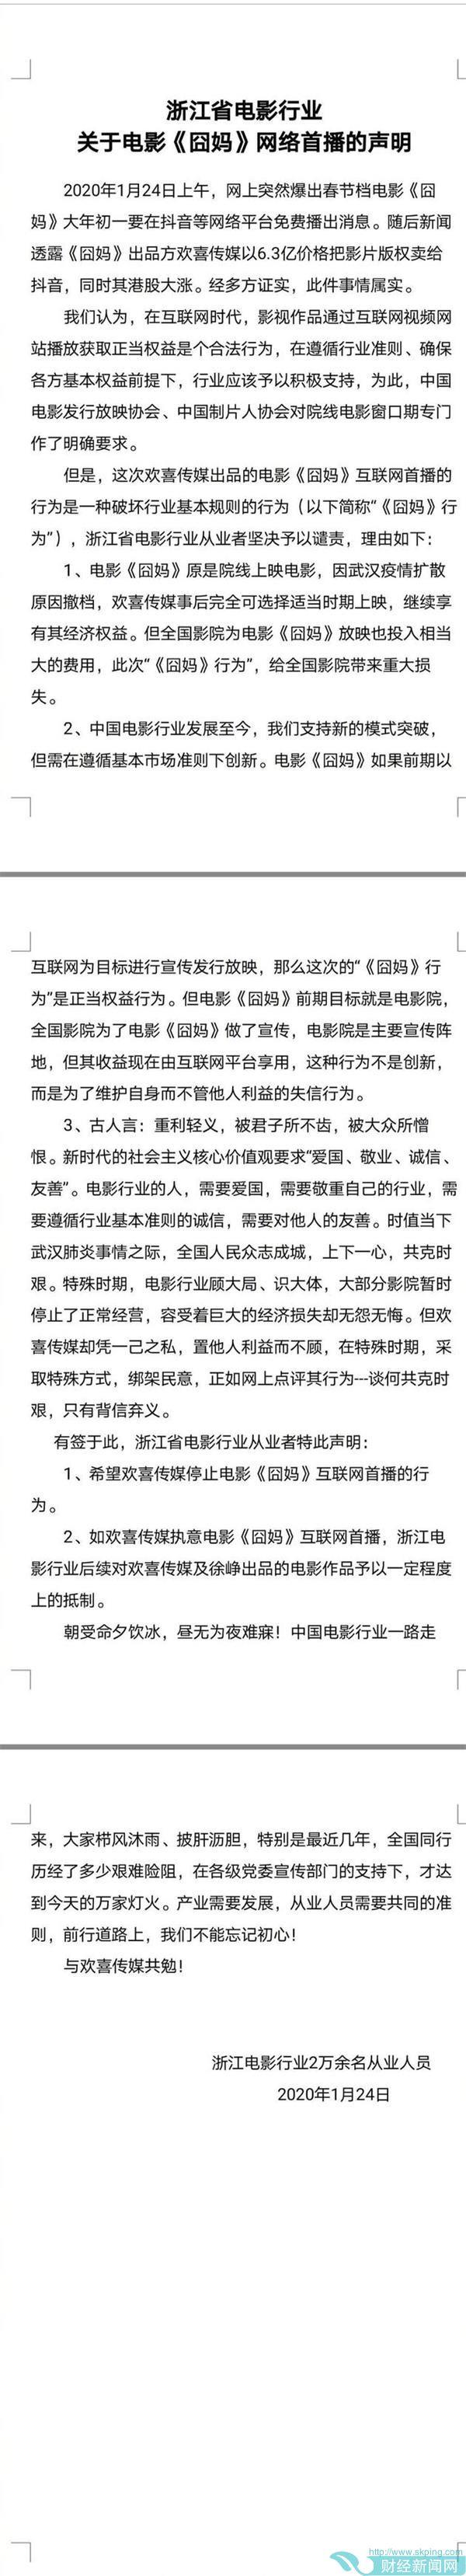 浙江电影行业谴责囧妈网络首播:如不停止将抵制徐峥